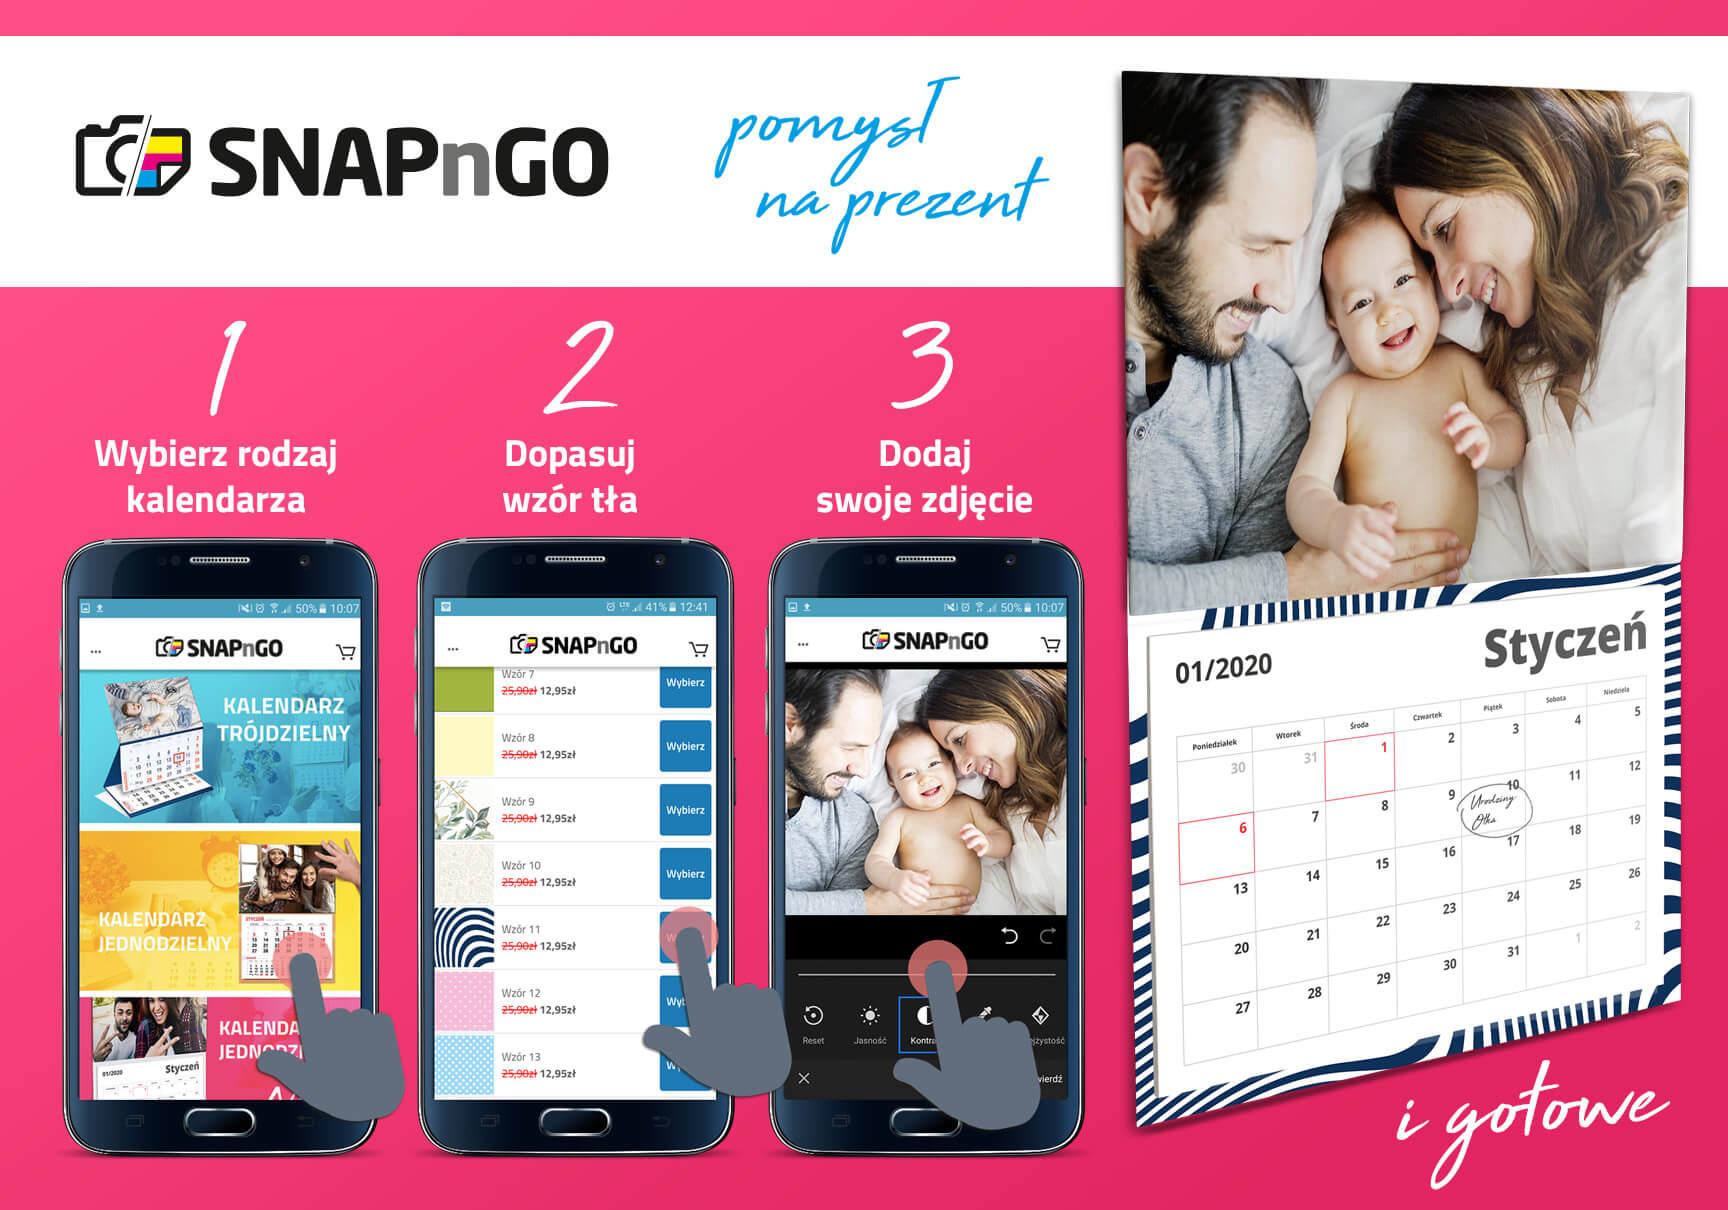 SNAPnGO Kalendarz z Twoim zdjęciem